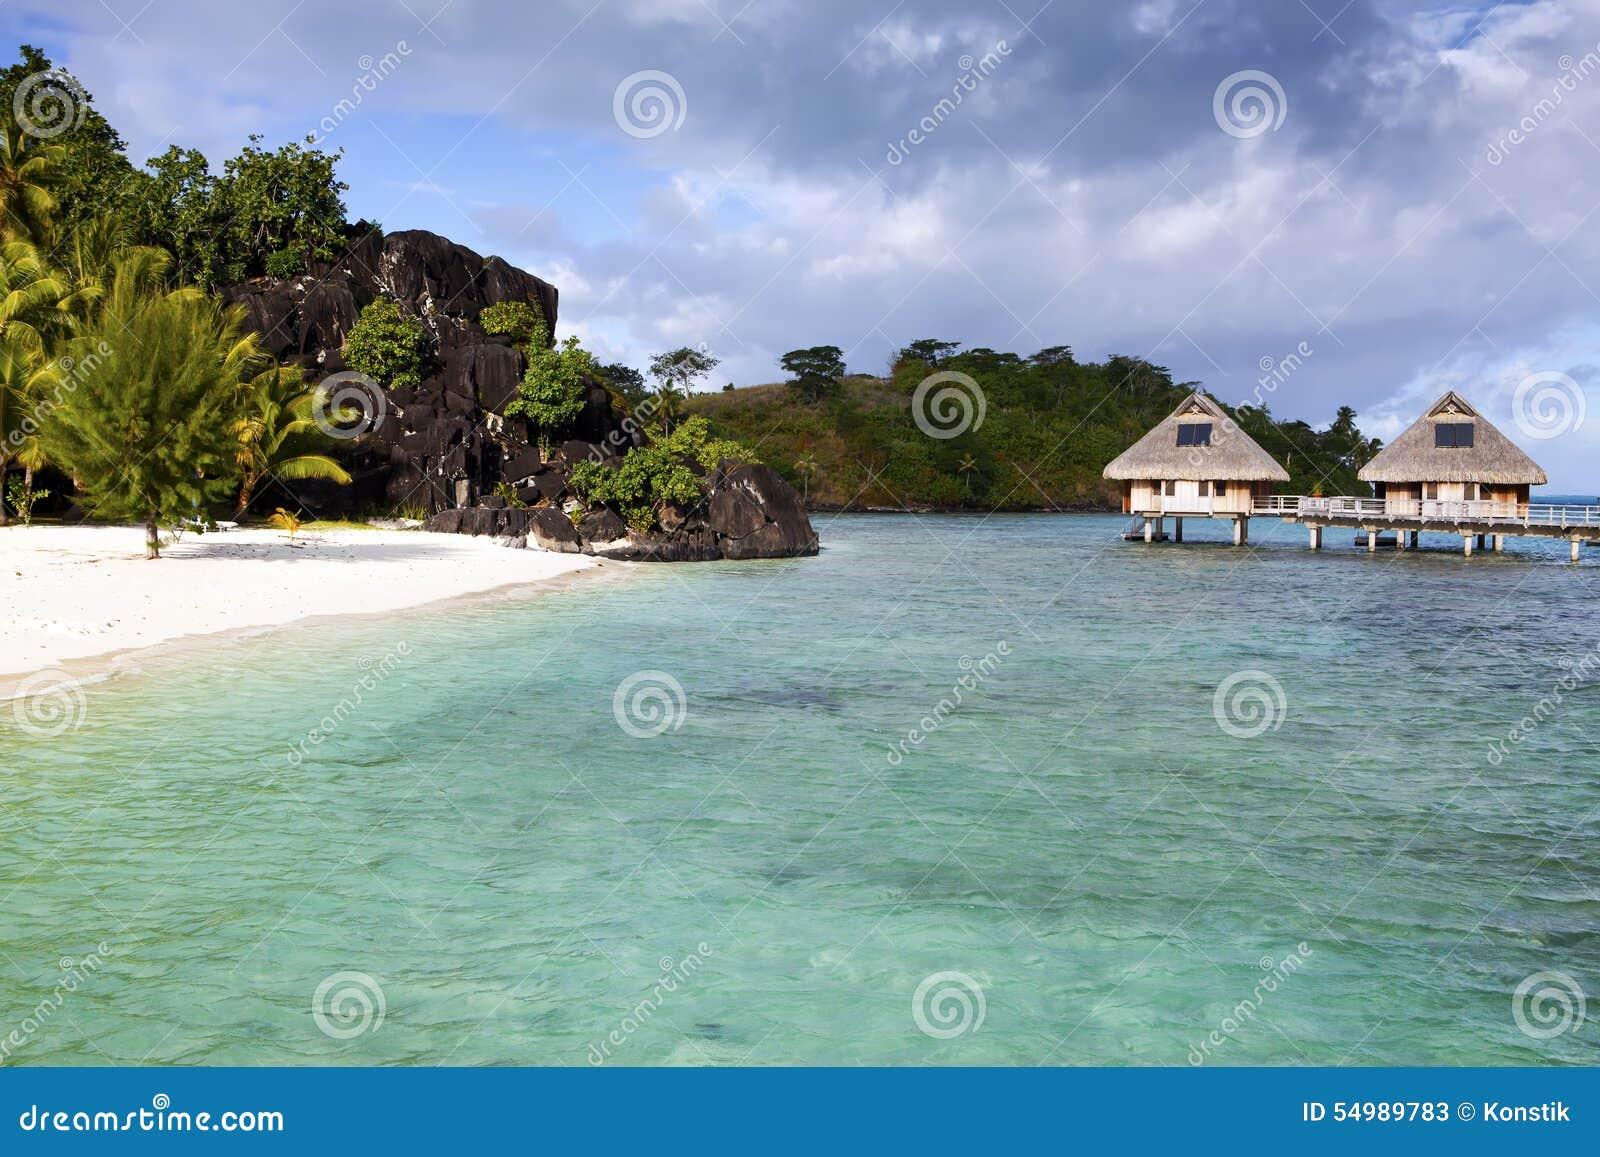 Typisk Polynesian landskap - ö med palmträd och små hus på vatten i havet och bergen på en bakgrund